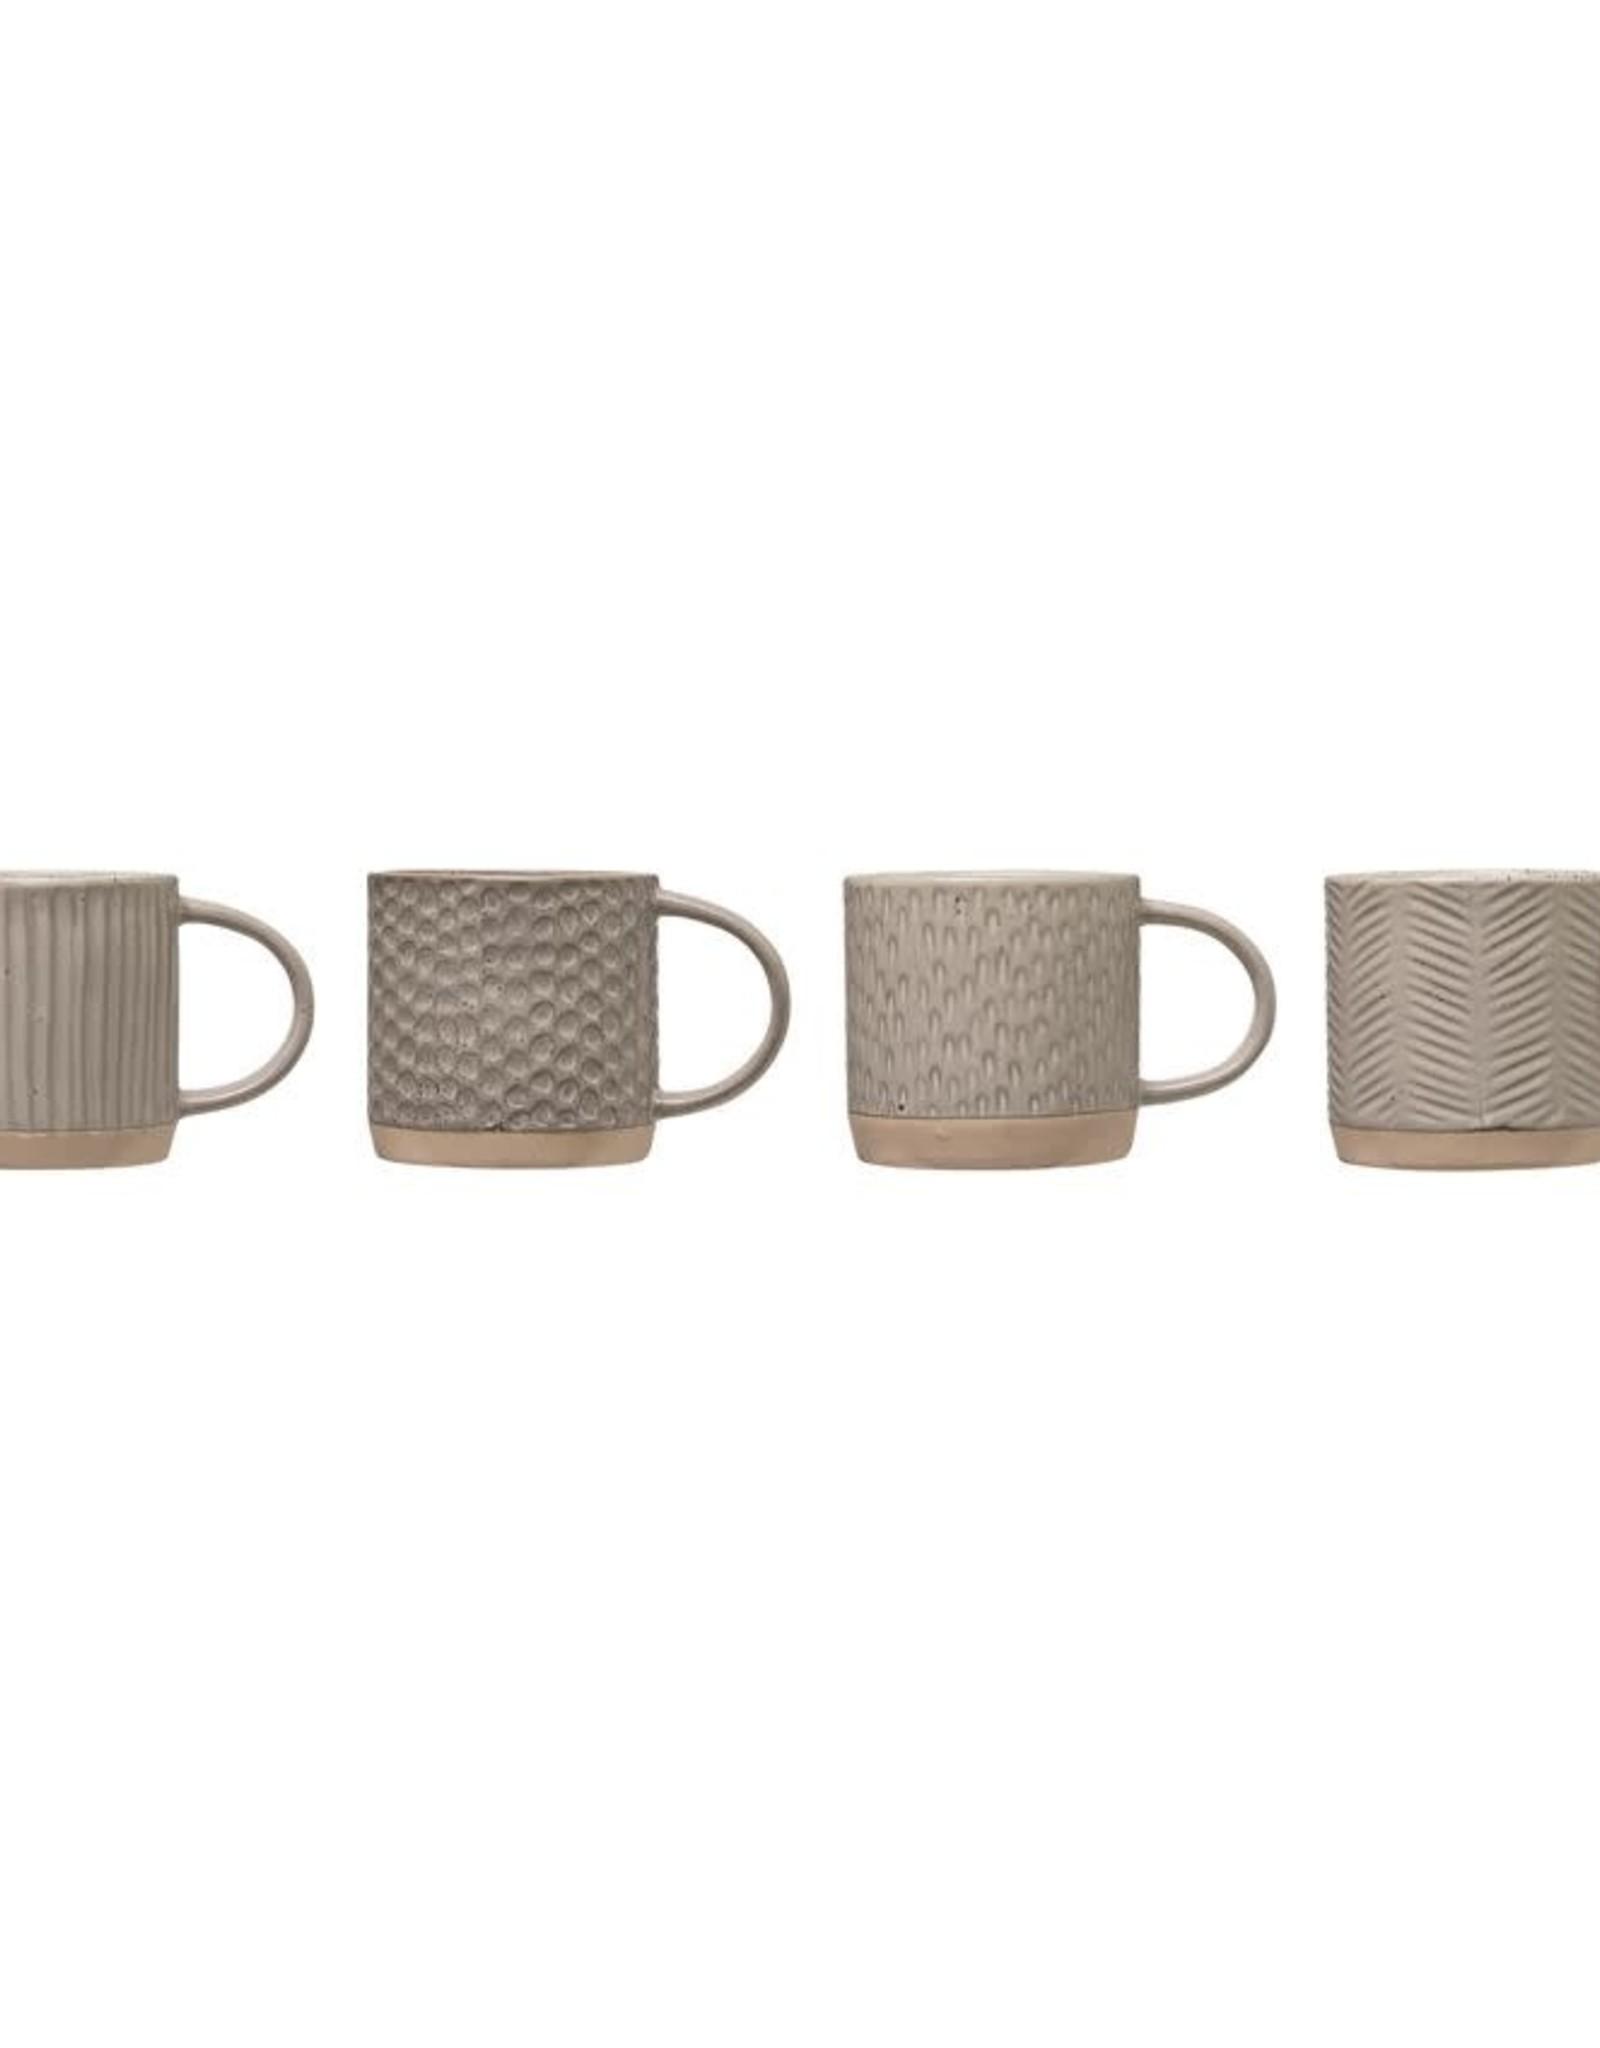 Tasse Texturée en Grès - Gris